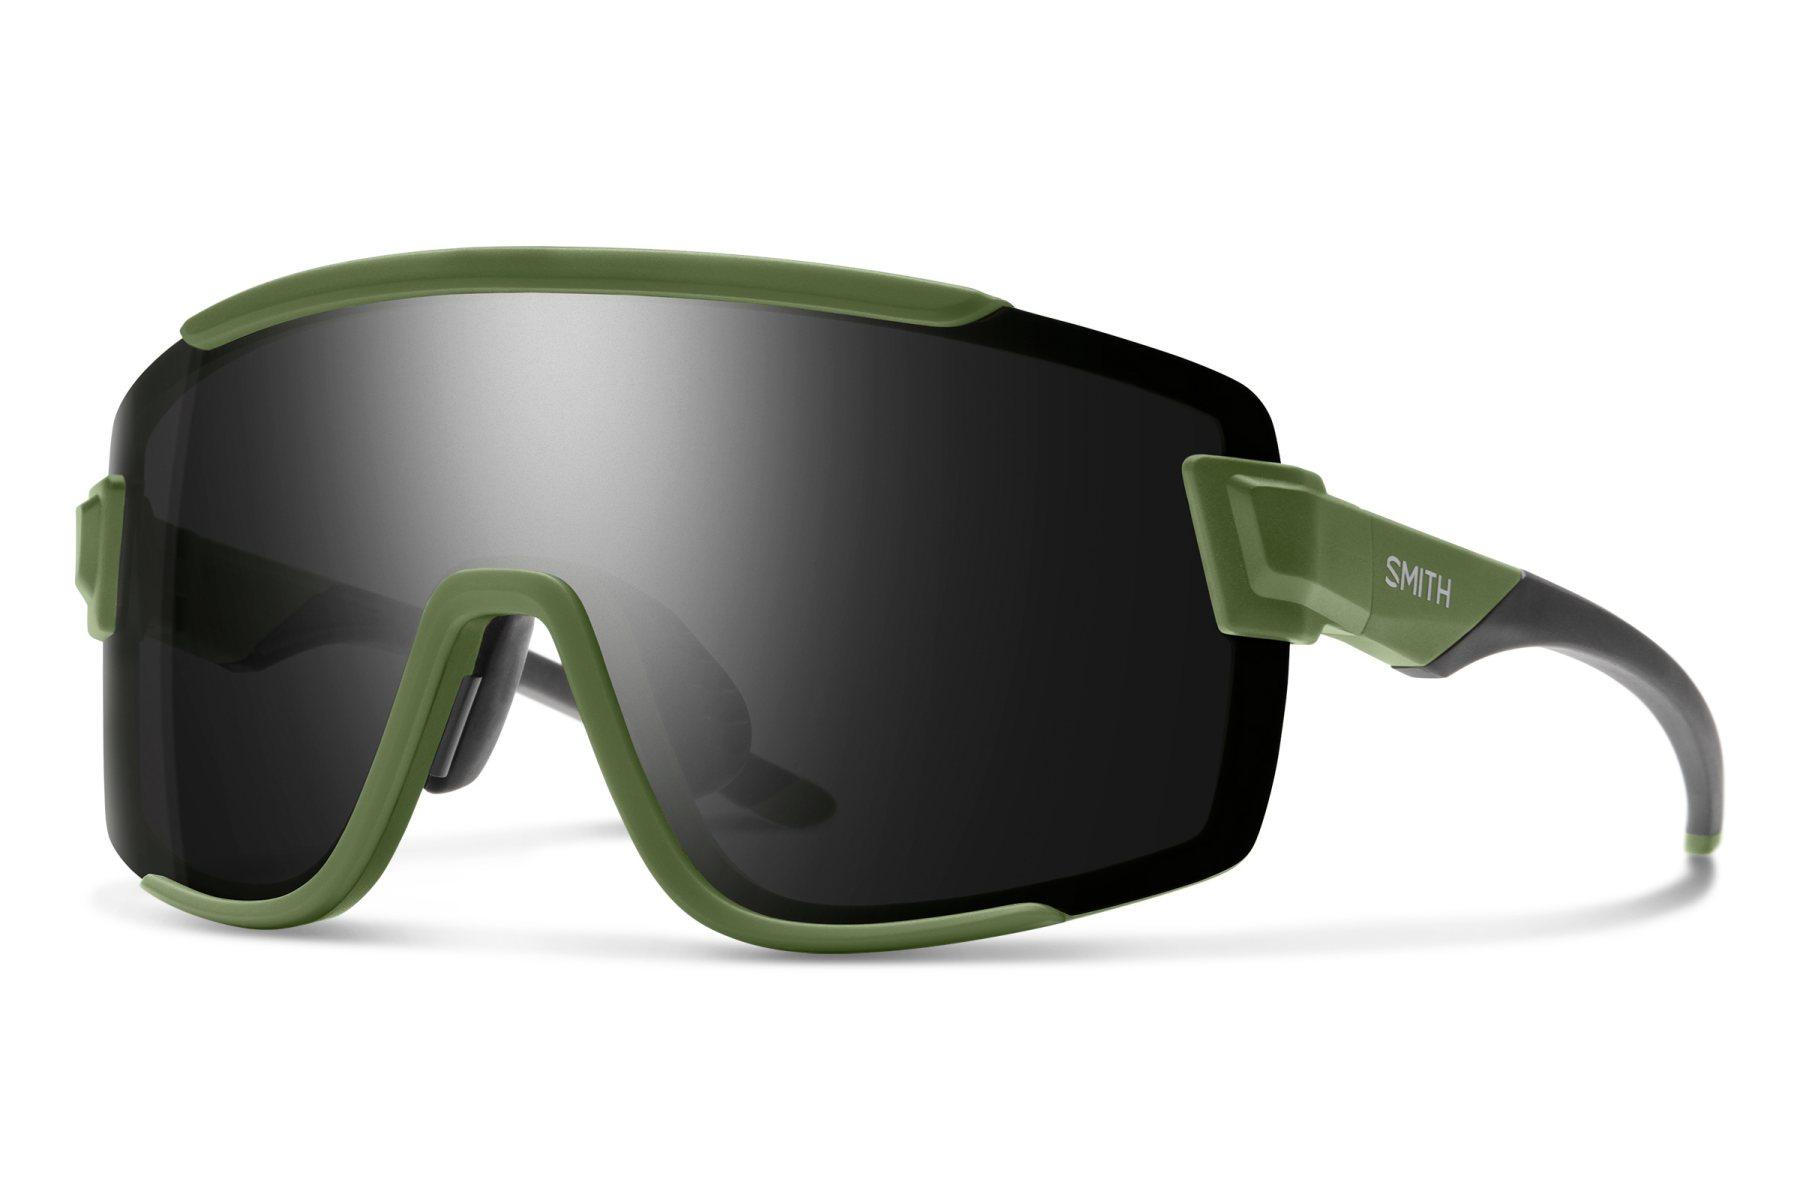 Smith WILDCAT Schutzbrille Grün